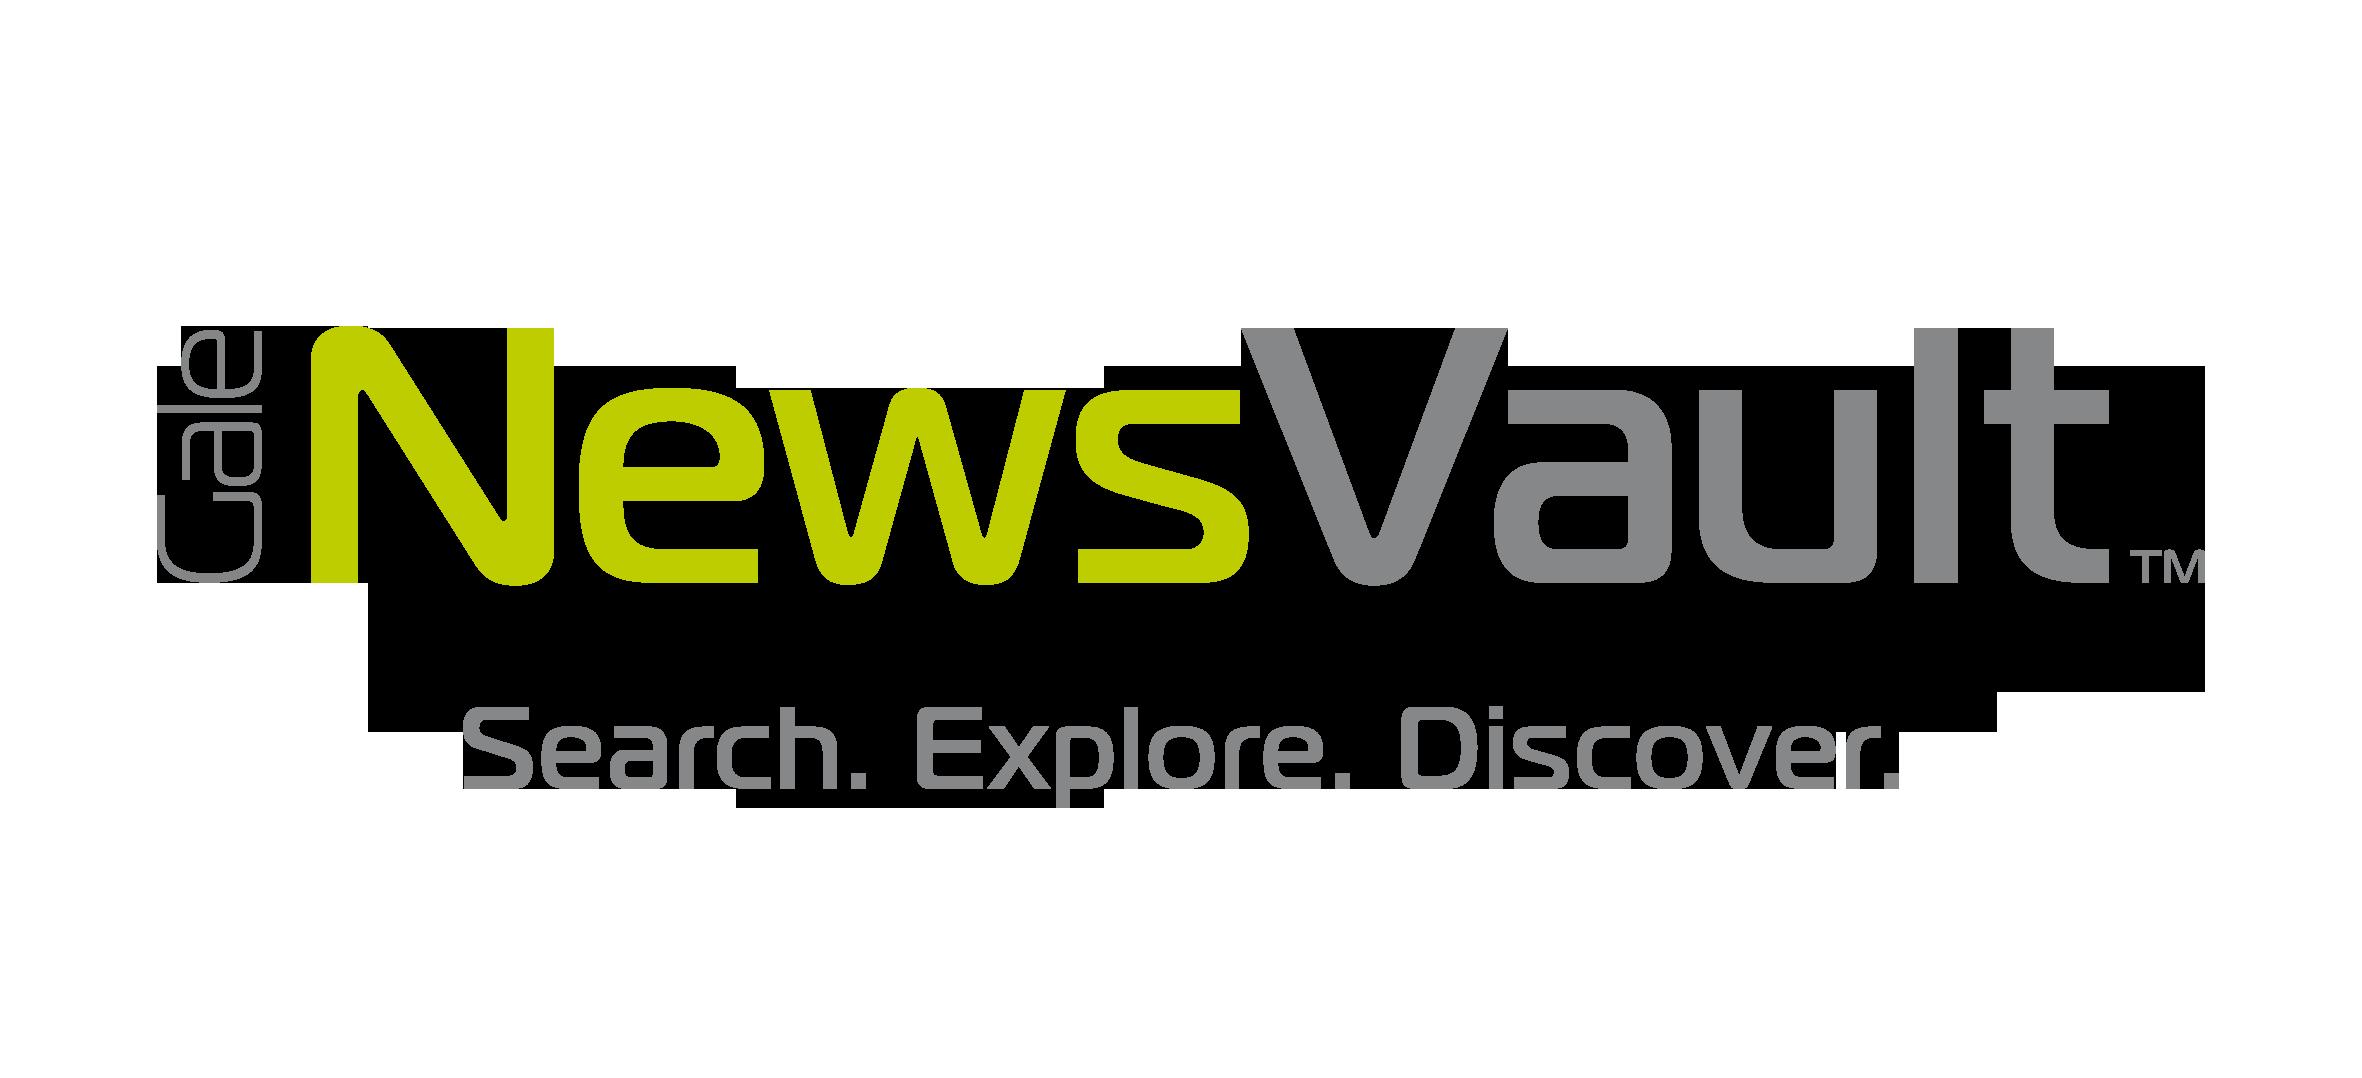 Newsvault